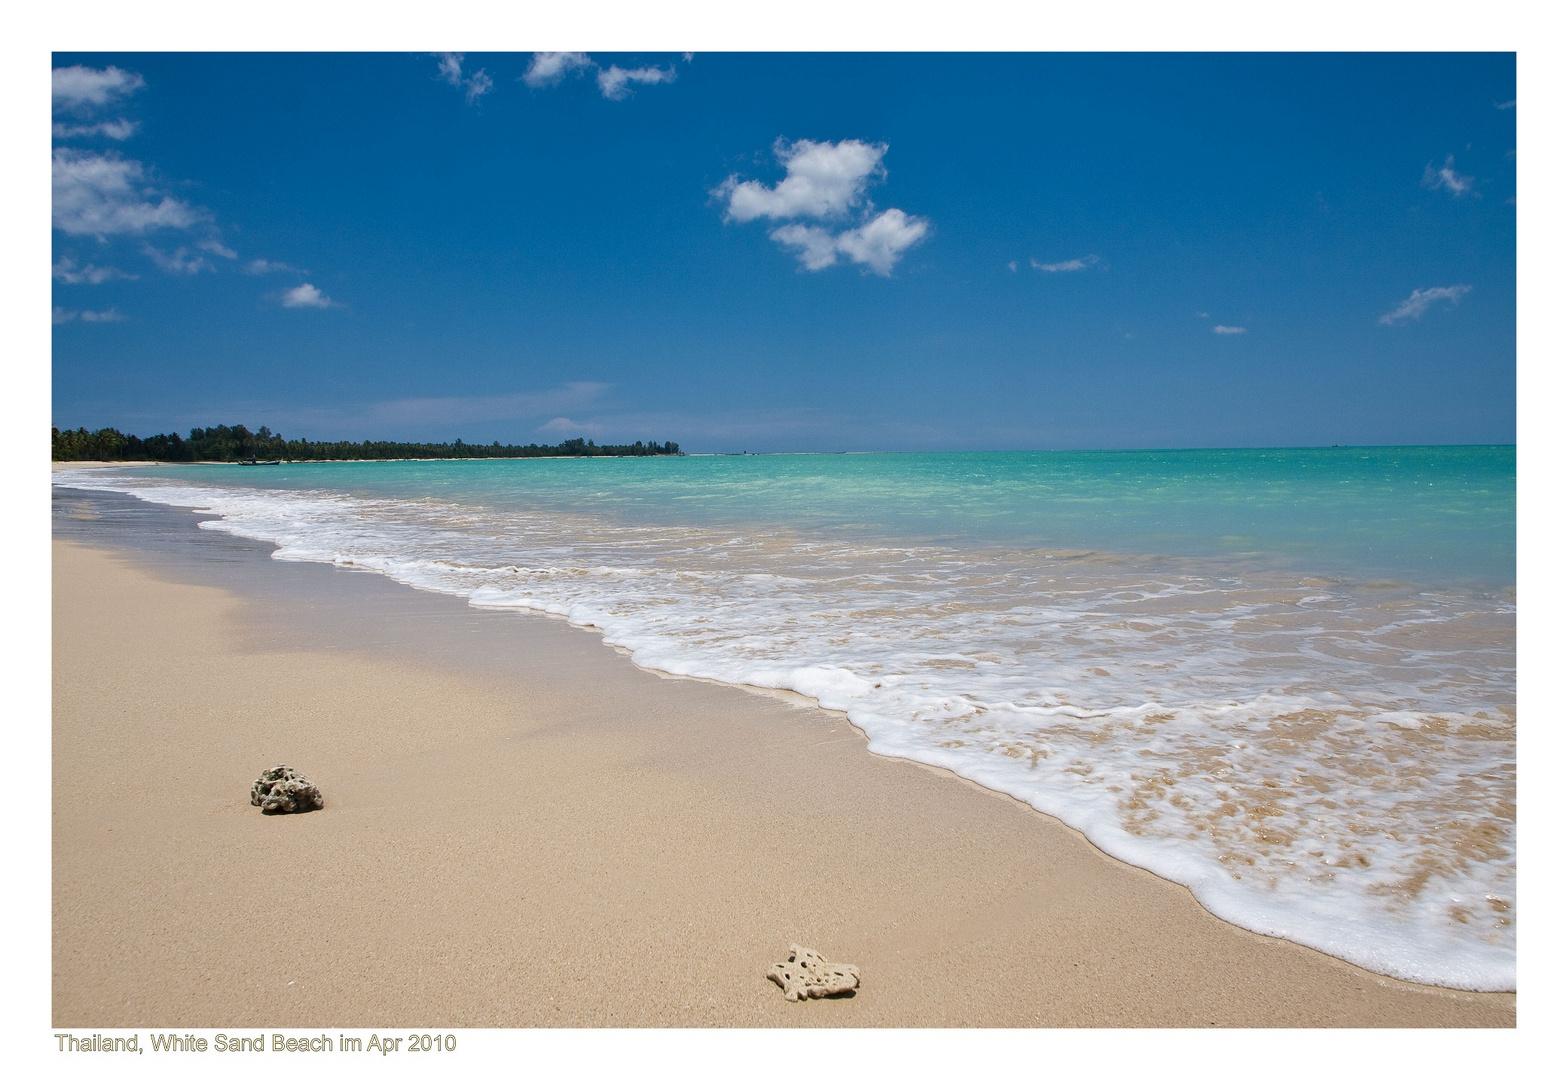 Thailand - White Sand Beach